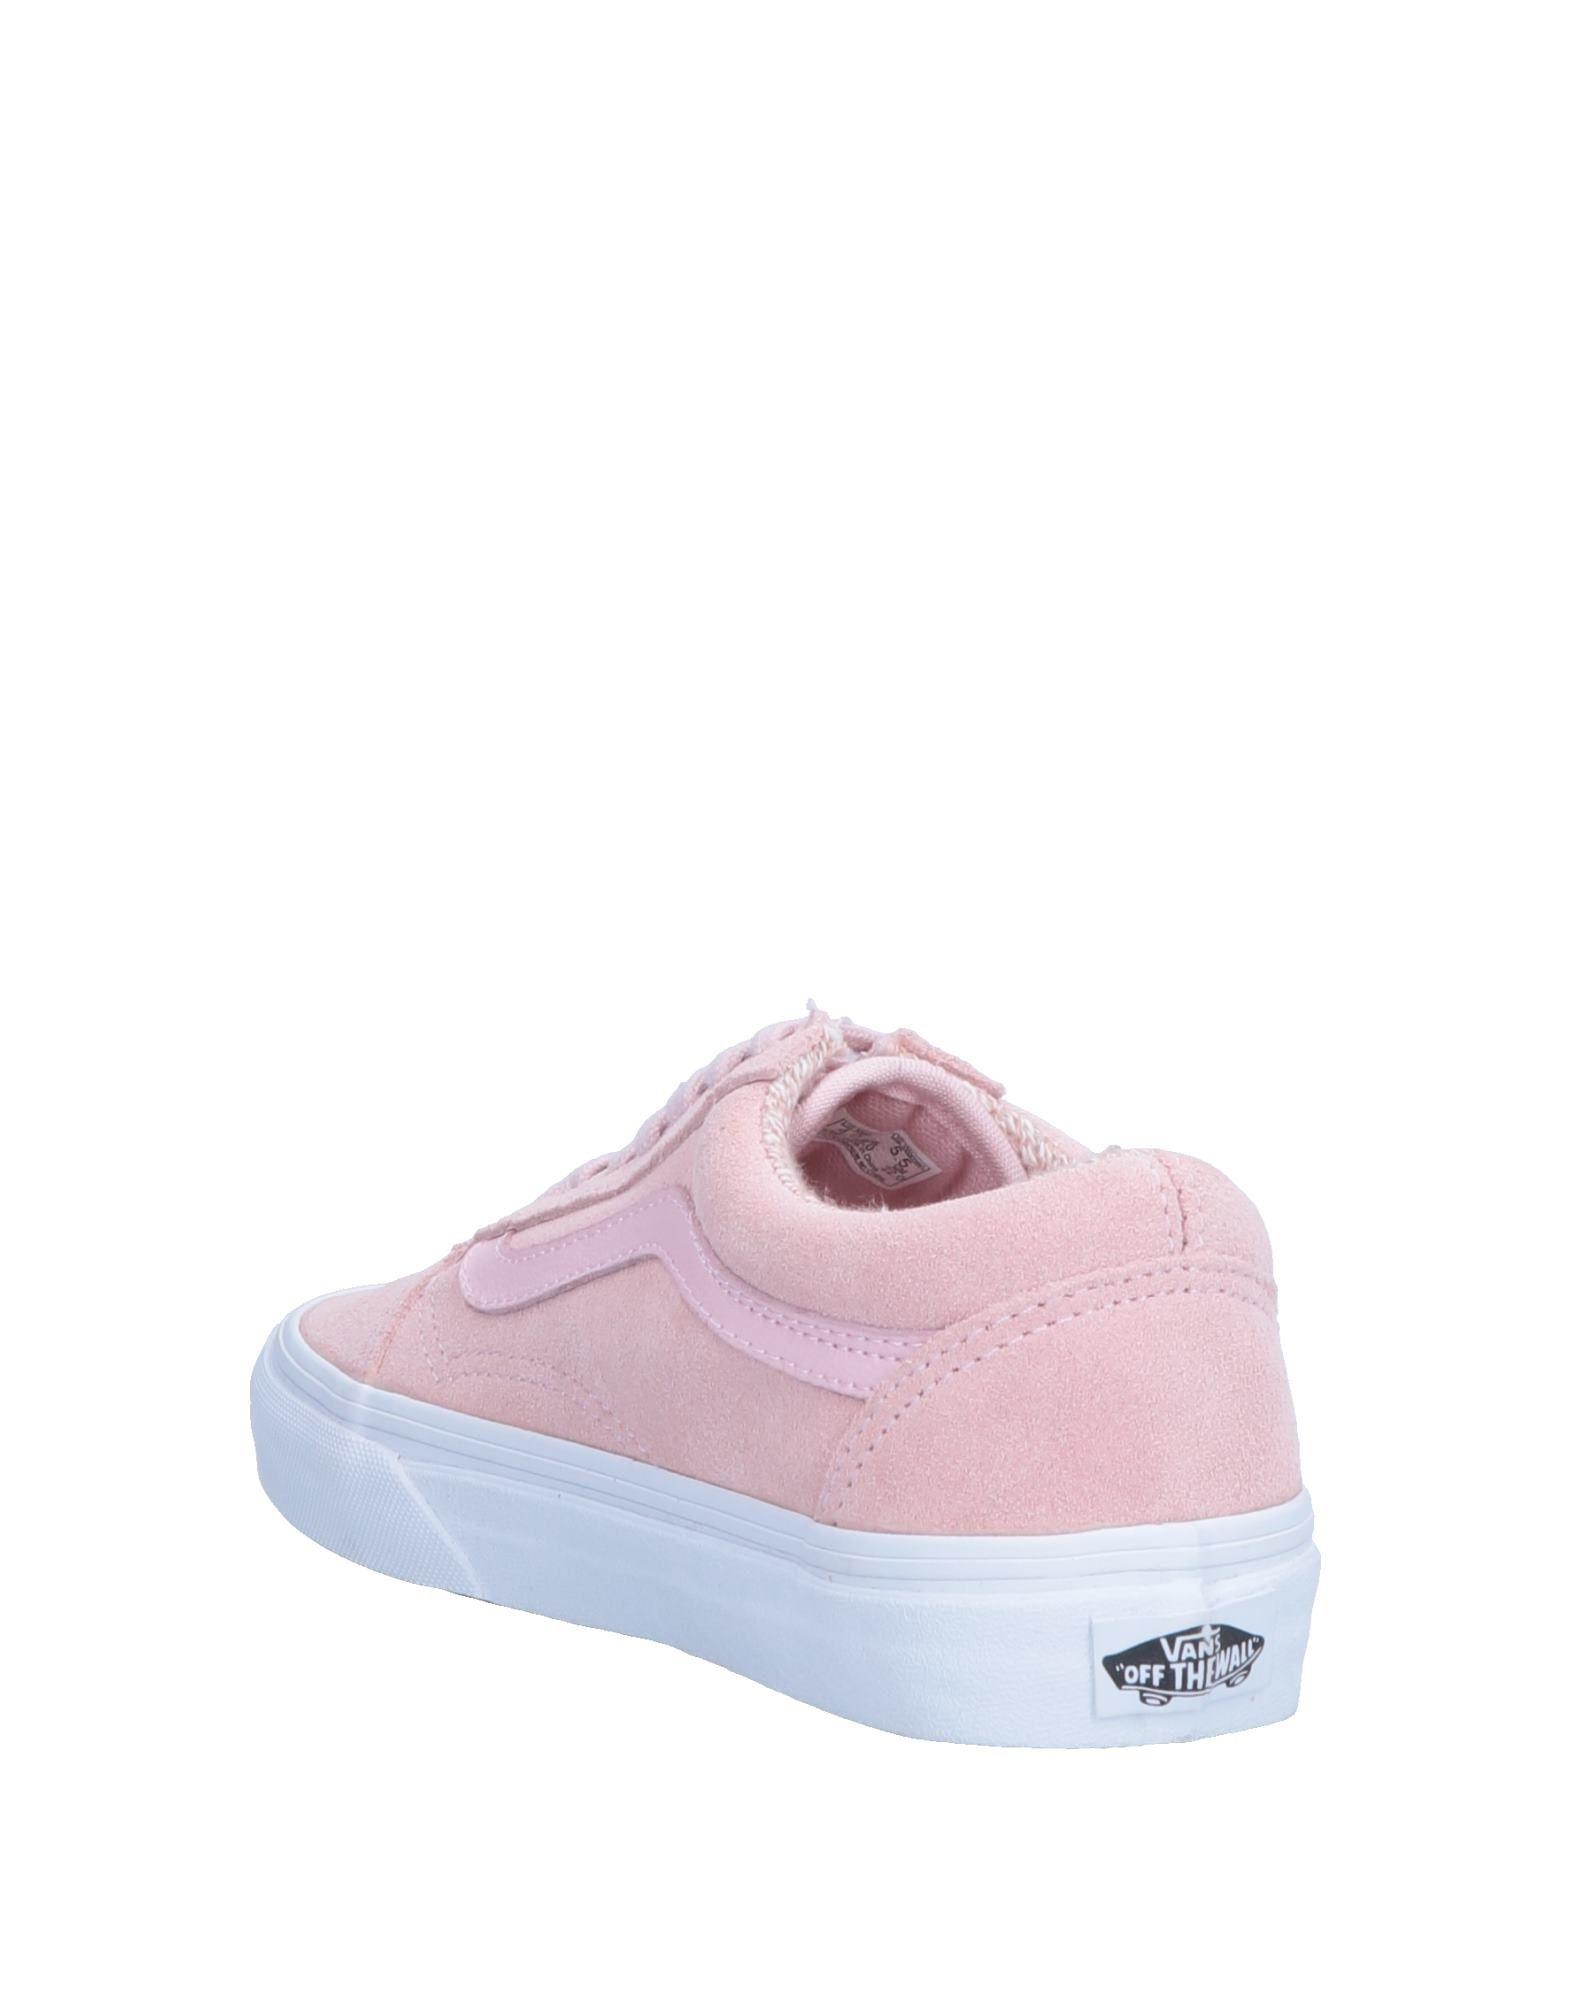 Vans Gute Sneakers Damen  11554836GN Gute Vans Qualität beliebte Schuhe d4e5b1